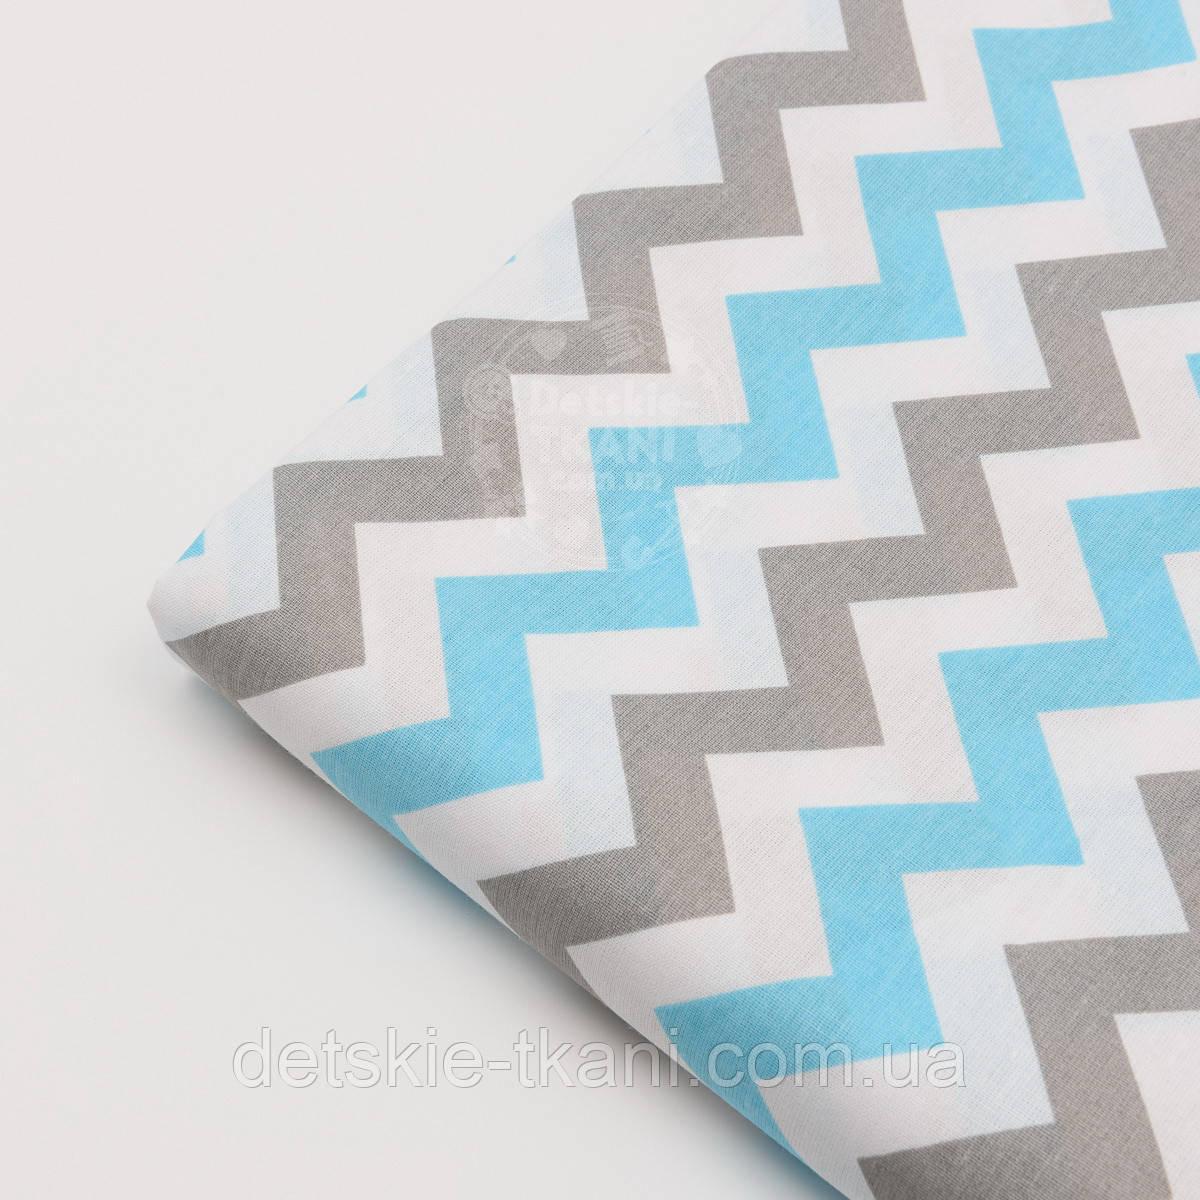 Лоскут ткани 1004 с бирюзовым и серым зигзагом, размер 33*80 см